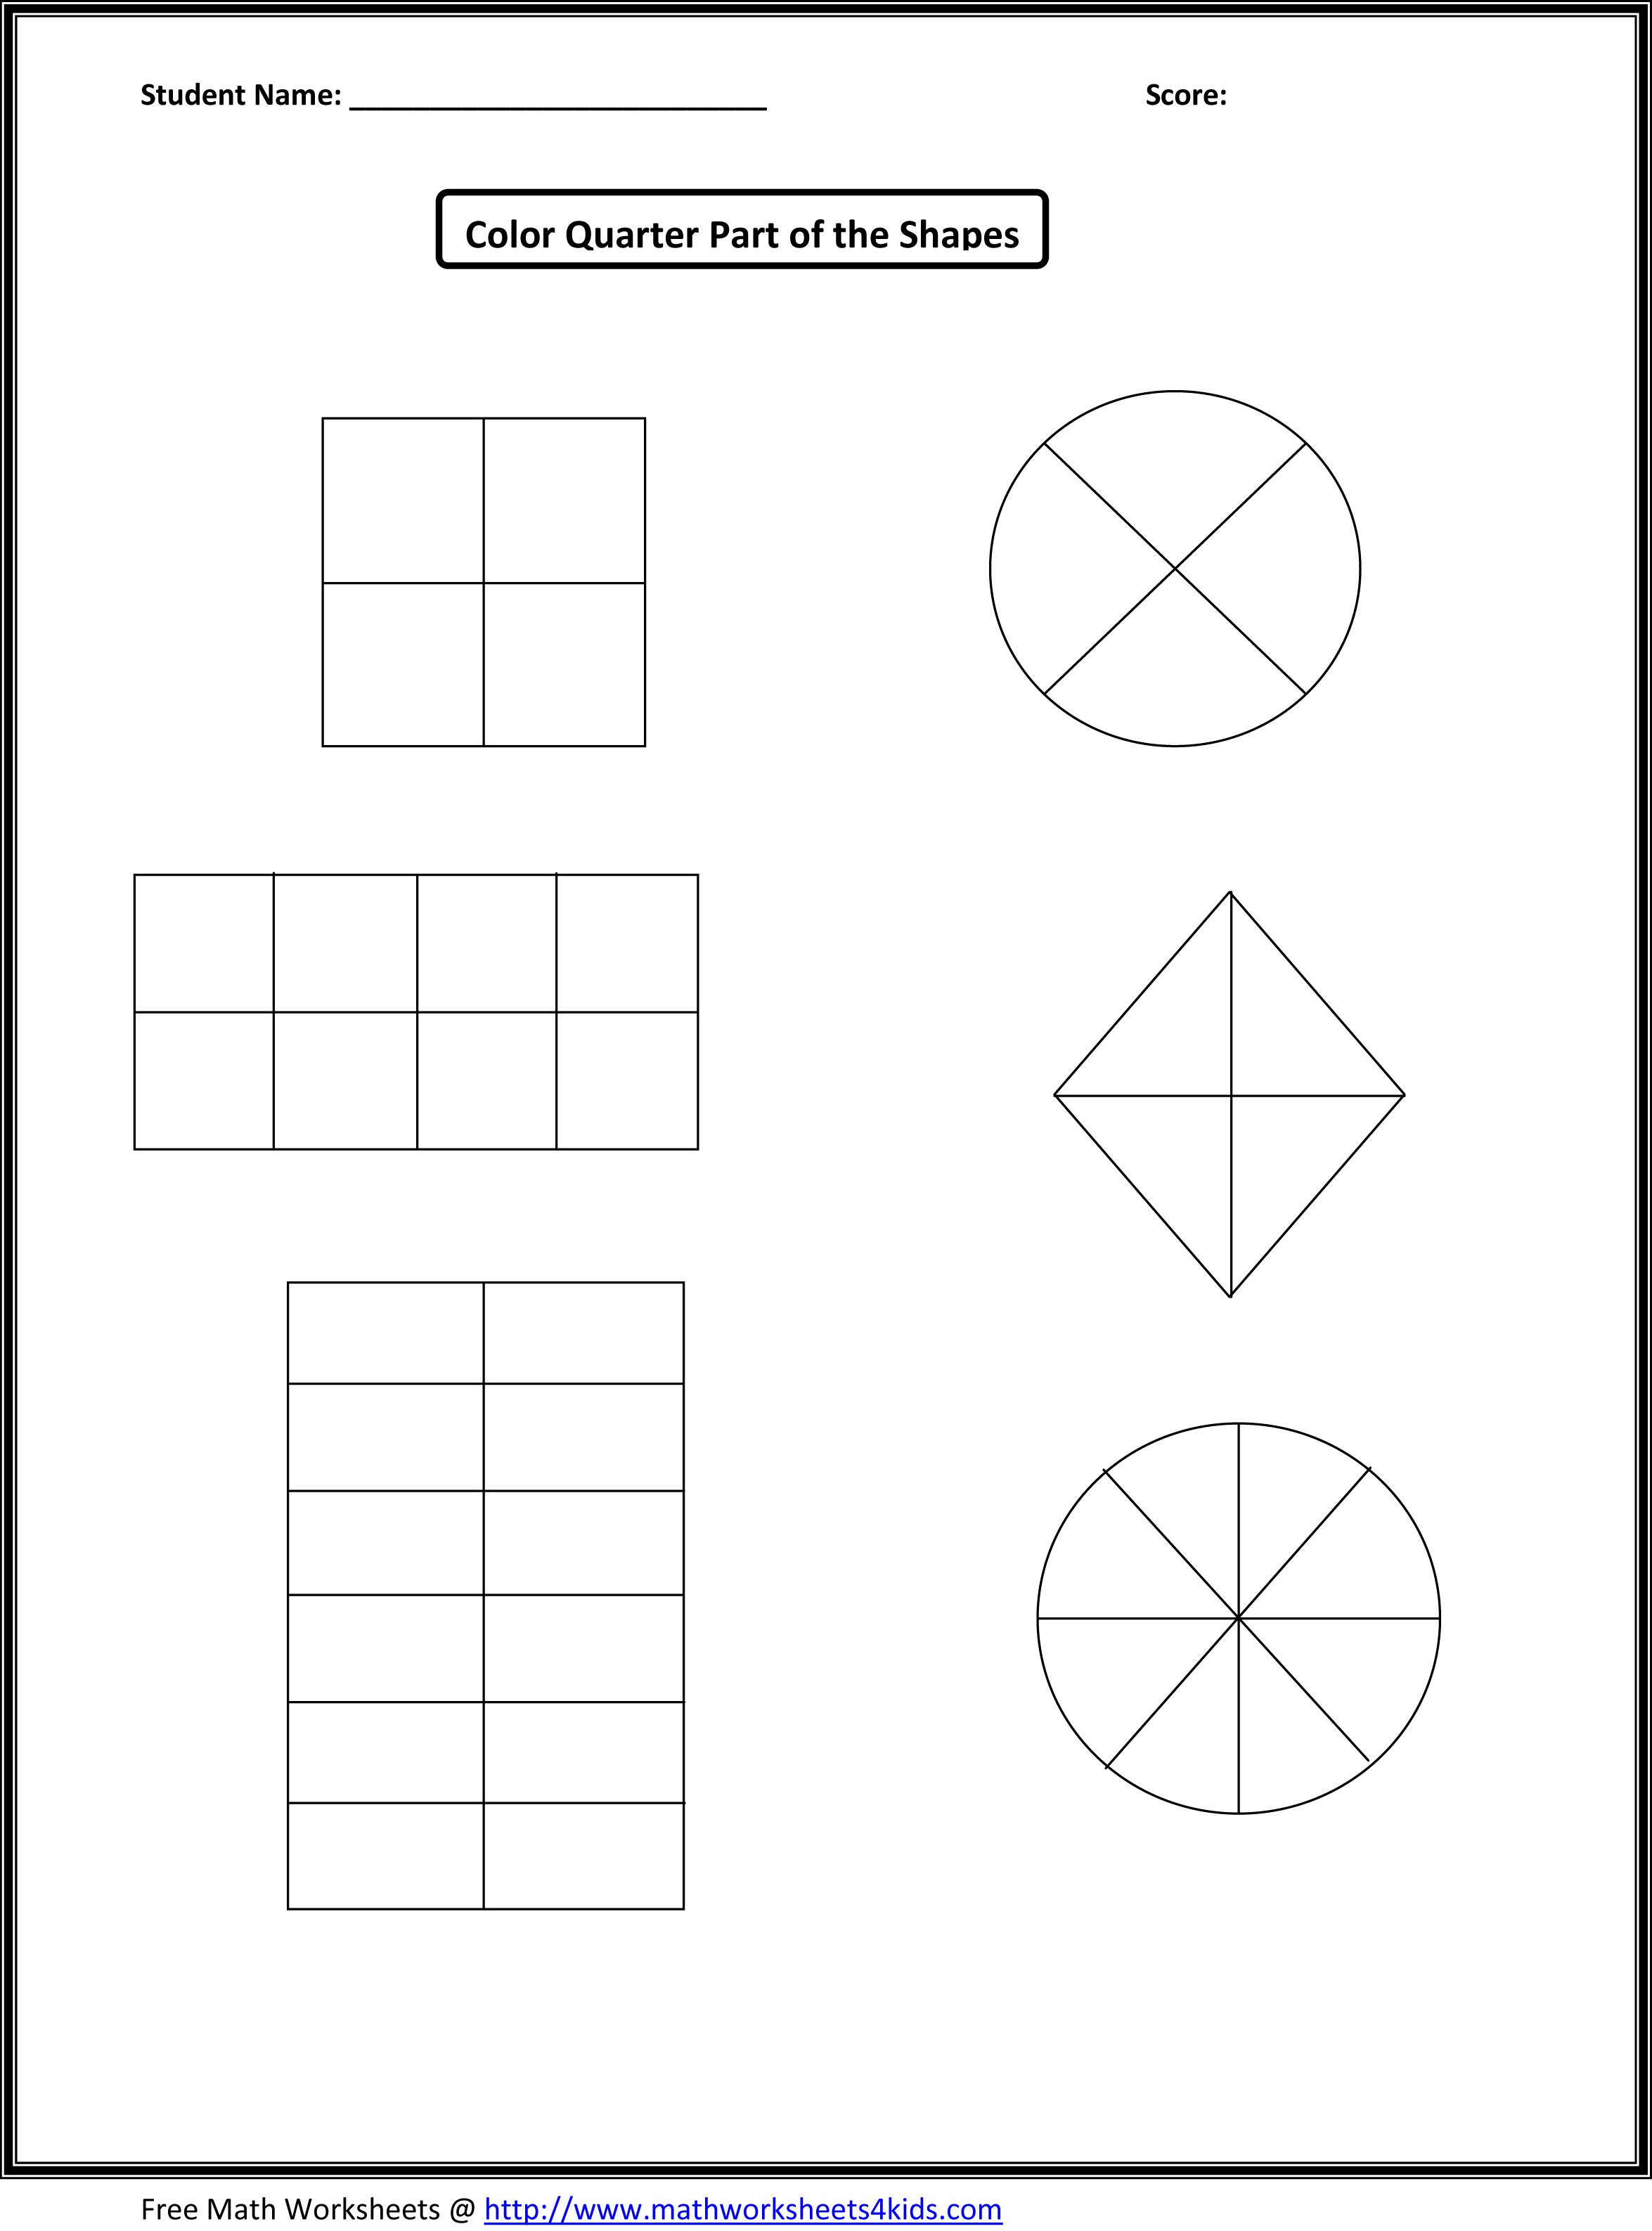 Basic Shape Fraction Worksheet